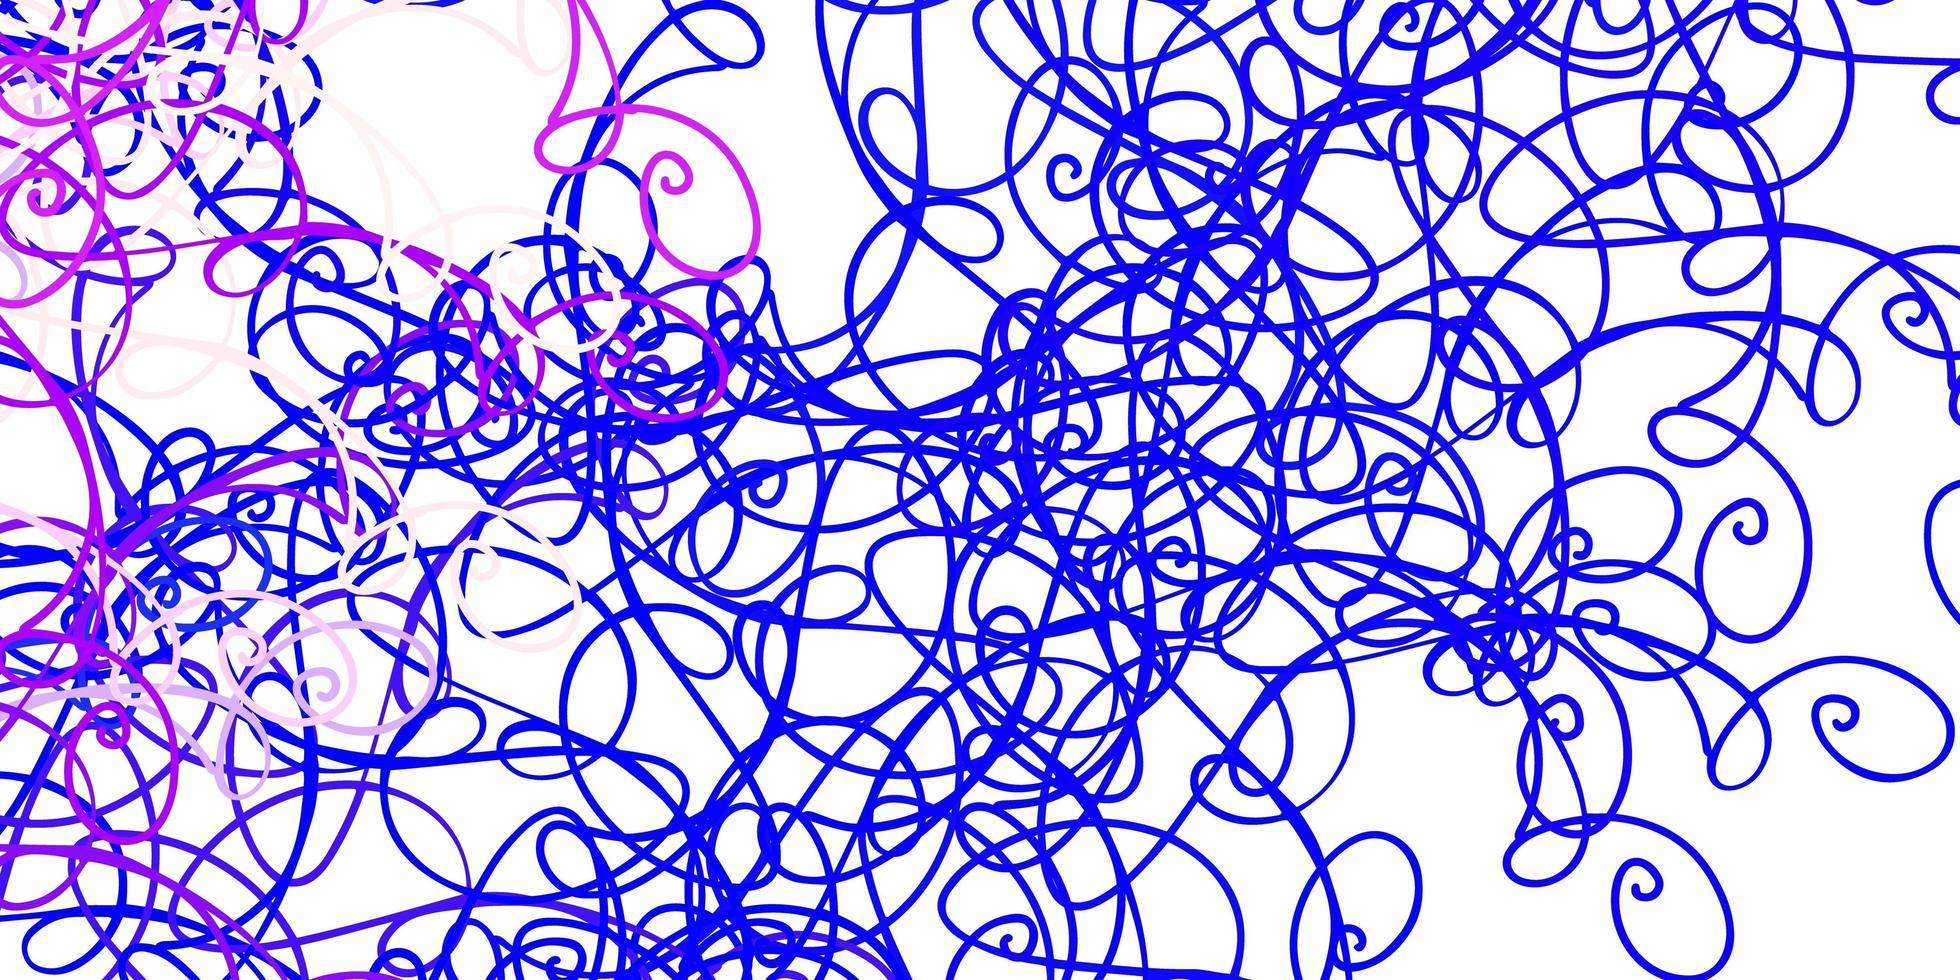 Fondo de vector de color rosa claro, azul con arco circular.